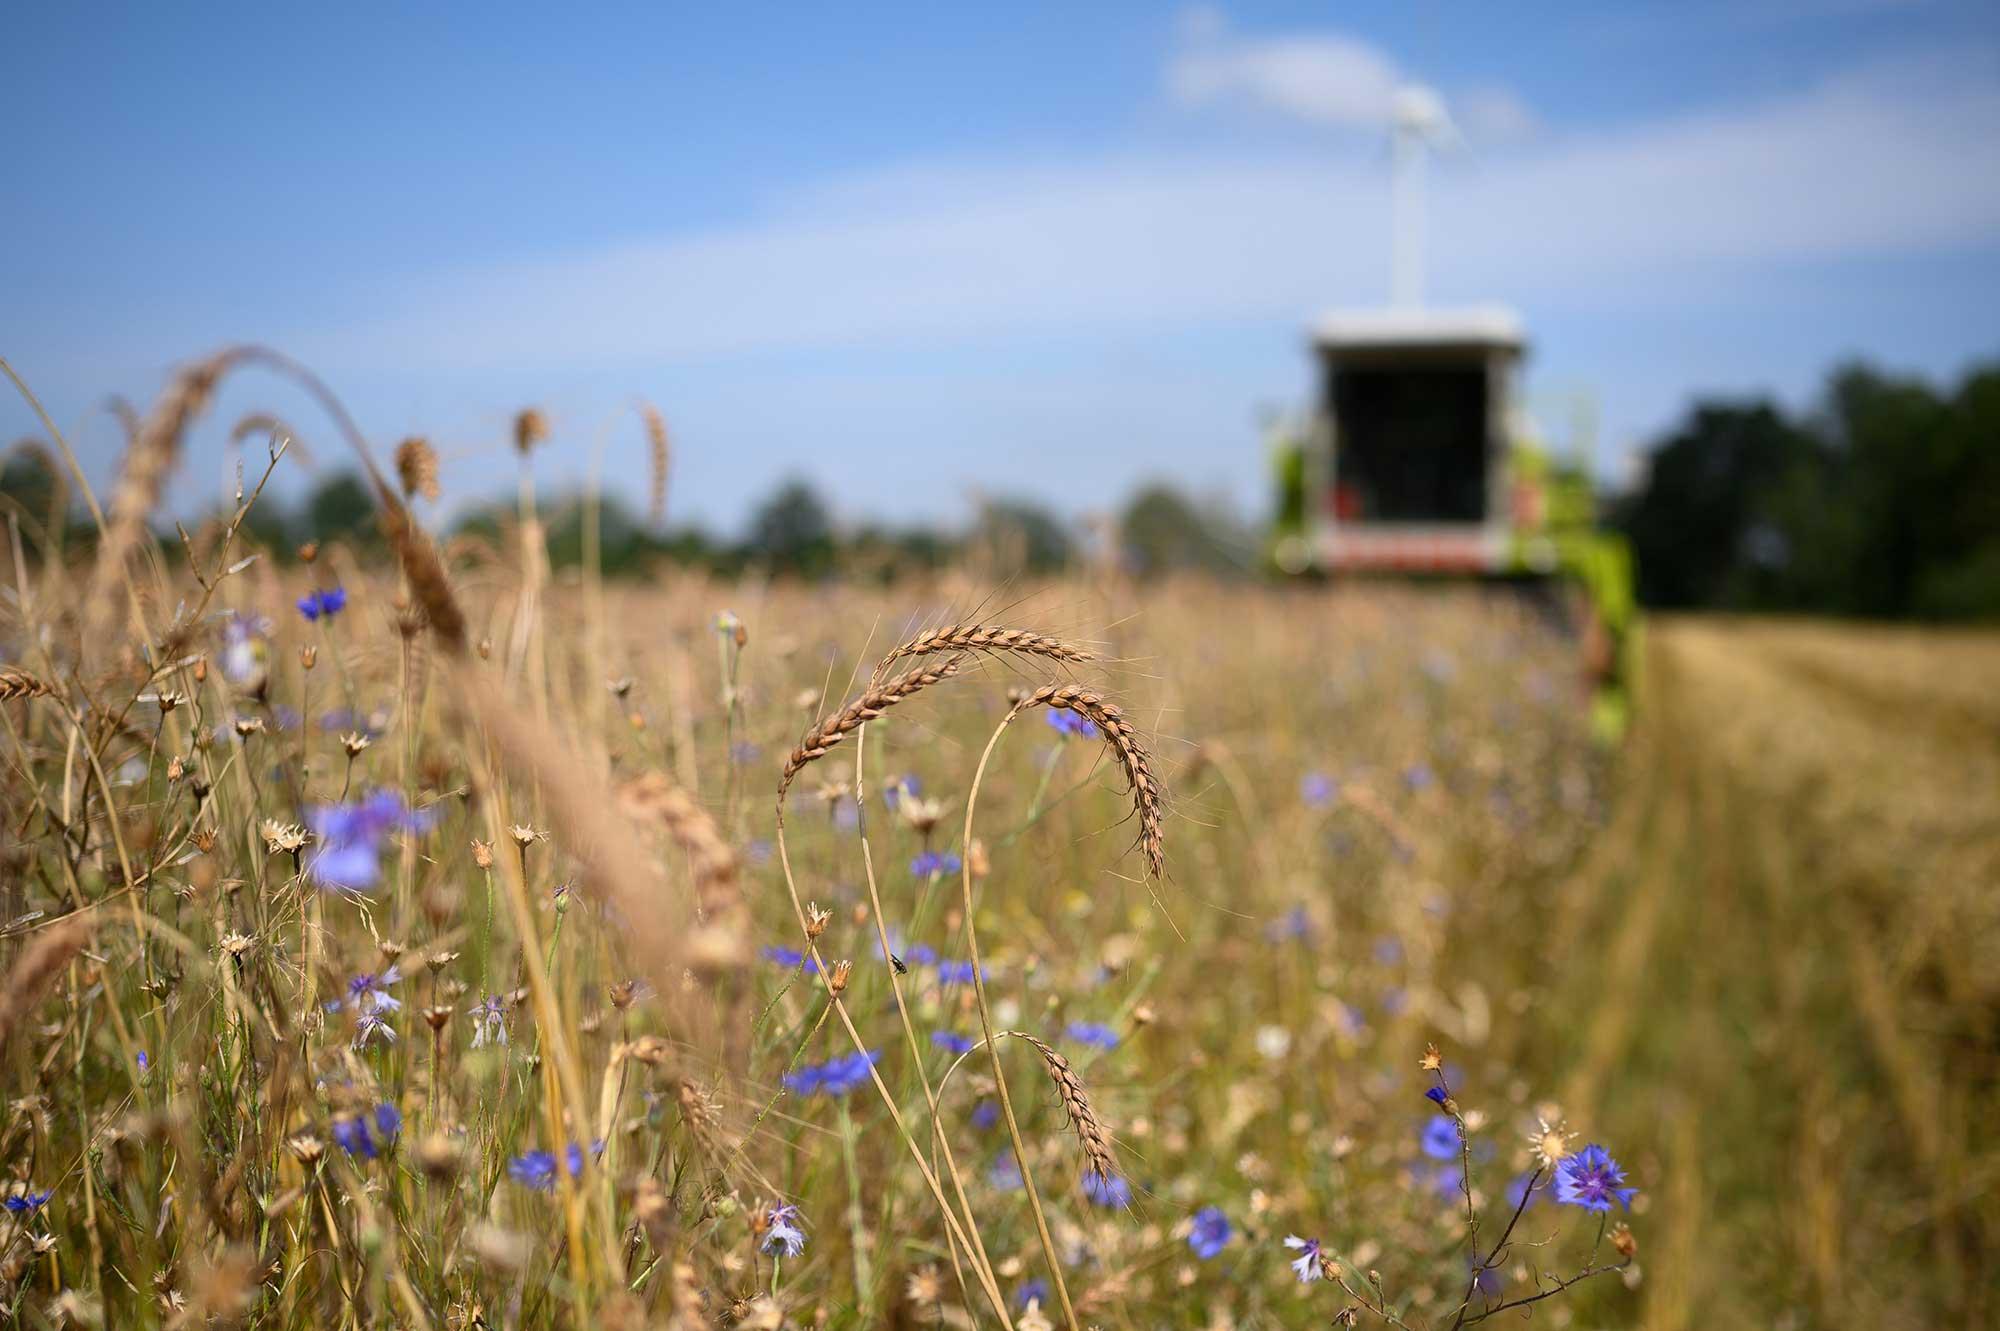 Der Mähdrescher bei der Getreide-Ernte